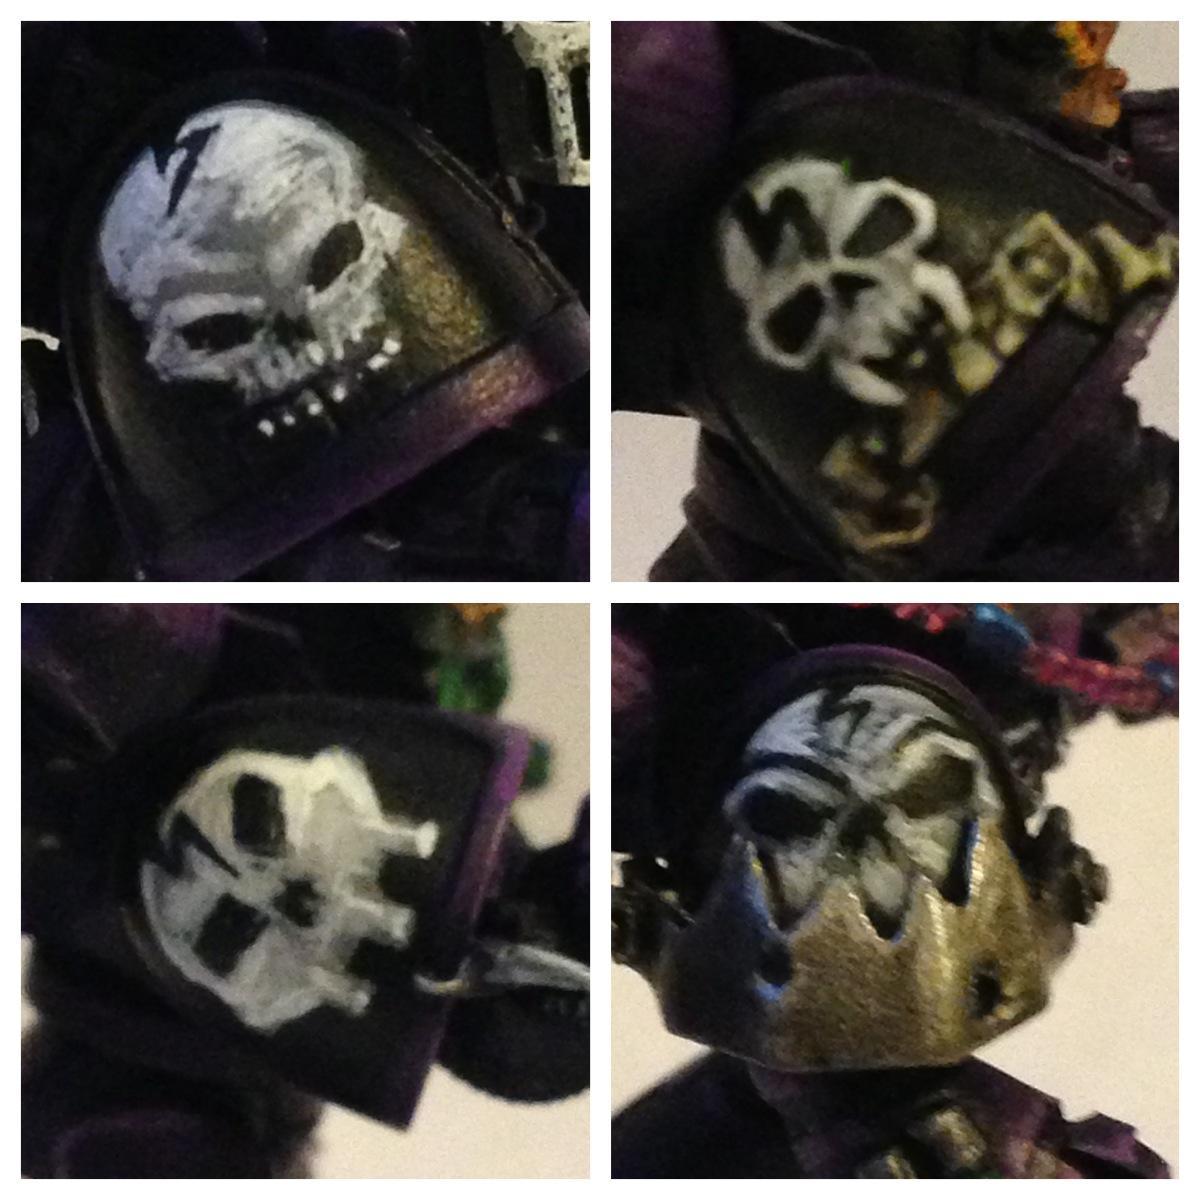 Skull Kicks, Skull Kicks Iconography 1